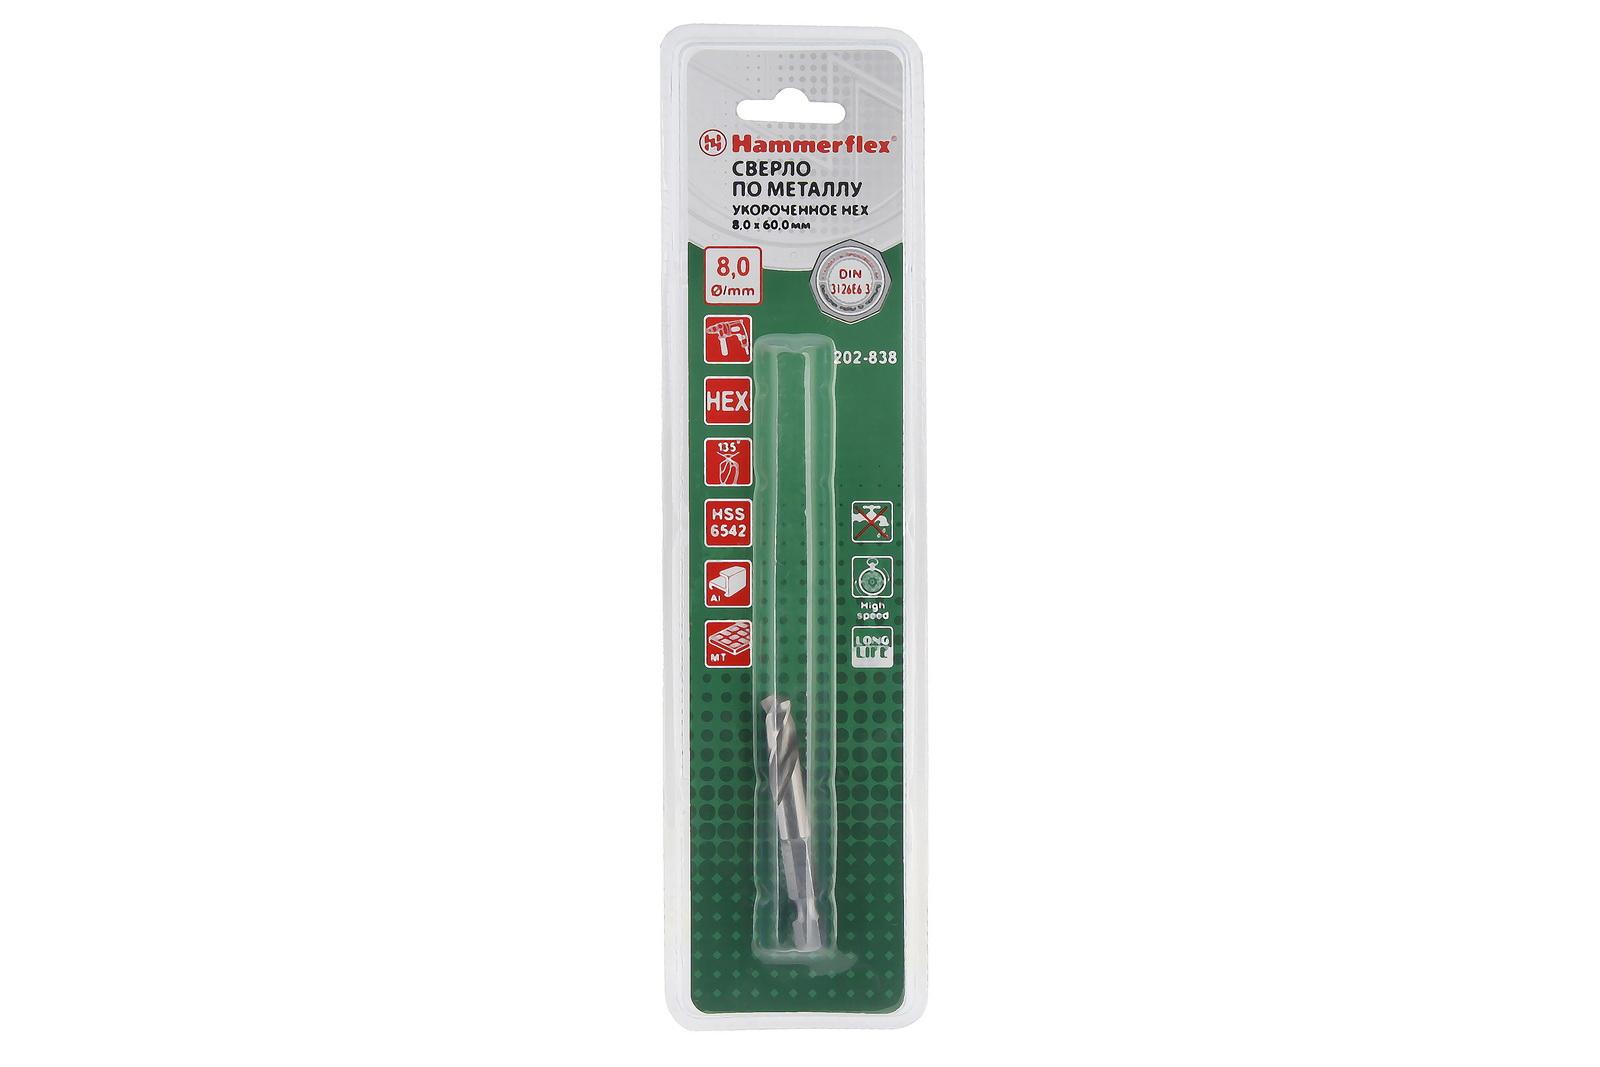 Сверло по металлу Hammer 202-838 dr mt stub 8,0мм*60мм сверло по дереву hammer 202 860 dr wd stub 8 0мм 60мм